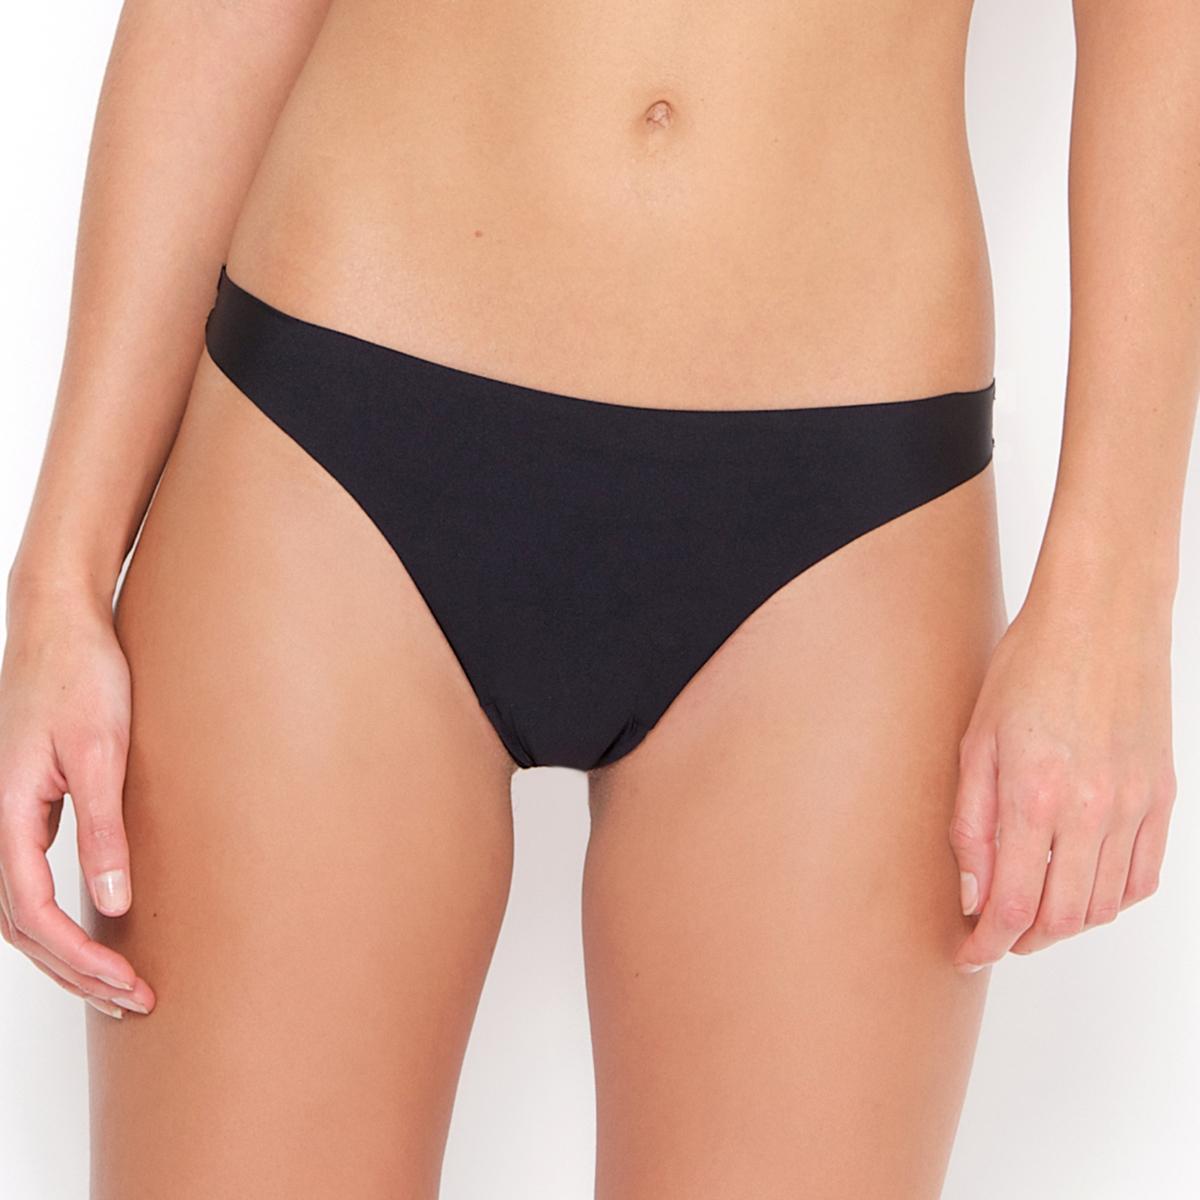 Трусы-стринги, незаметные под одеждой (комплект из 2 шт.)2 трусов-стрингов. Невидимые швы: совершенно незаметны под одеждой . Ластовица на подкладке из хлопка. Мягкий и эластичный трикотаж: 86 % полиамида, 14 % эластана. Трусы-стринги в комплекте из 2 штук.<br><br>Цвет: белый,телесный,черный<br>Размер: 34/36 (FR) - 40/42 (RUS).34/36 (FR) - 40/42 (RUS).46/48 (FR) - 52/54 (RUS).46/48 (FR) - 52/54 (RUS).42/44 (FR) - 48/50 (RUS).38/40 (FR) - 44/46 (RUS)